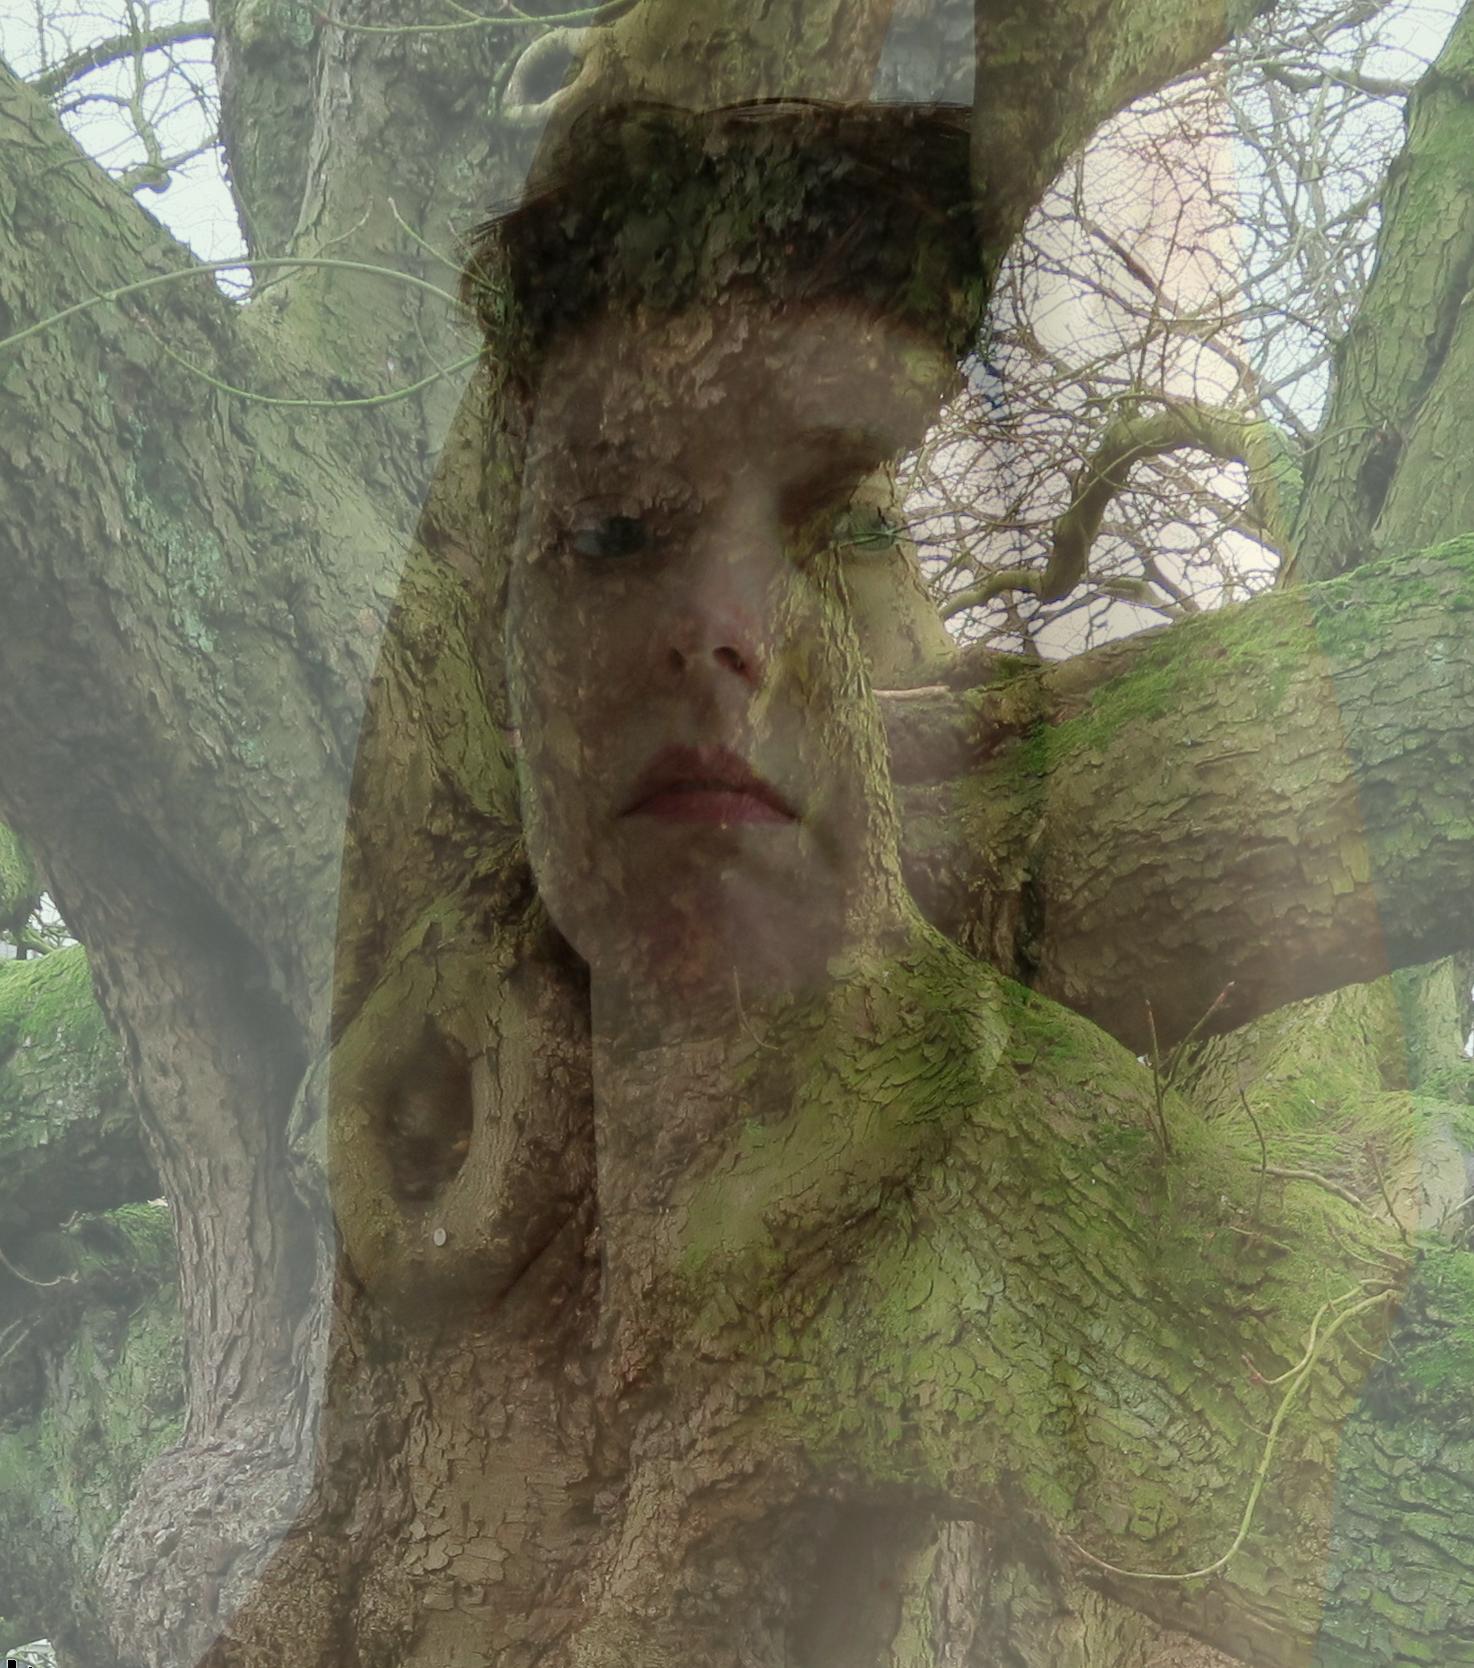 de_tail-celine-arbre-1516735453.png